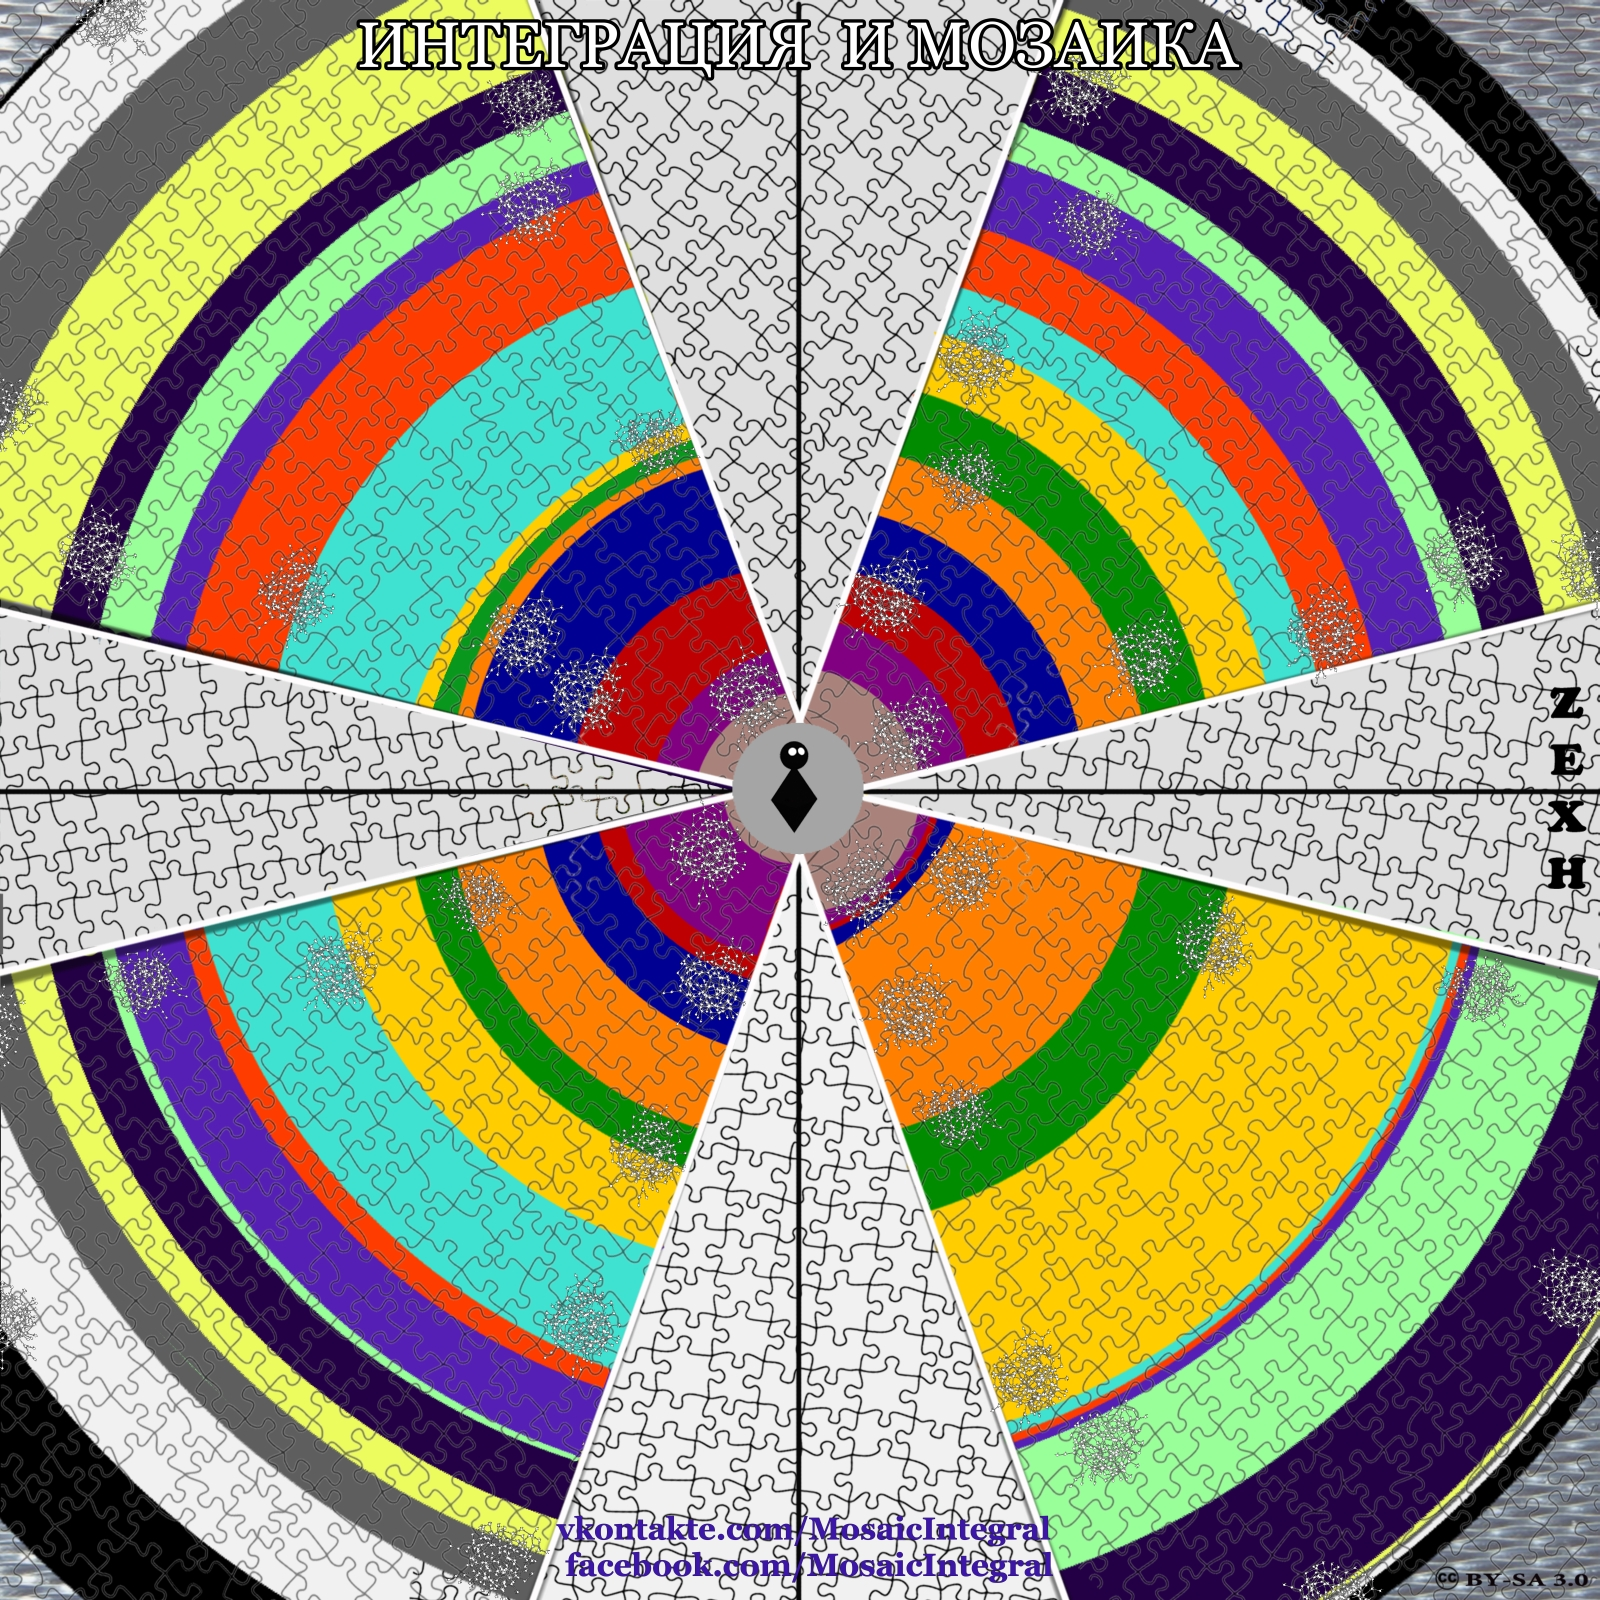 интегральный подход - мозаичный подход: кластера и сдвиг уровней развития